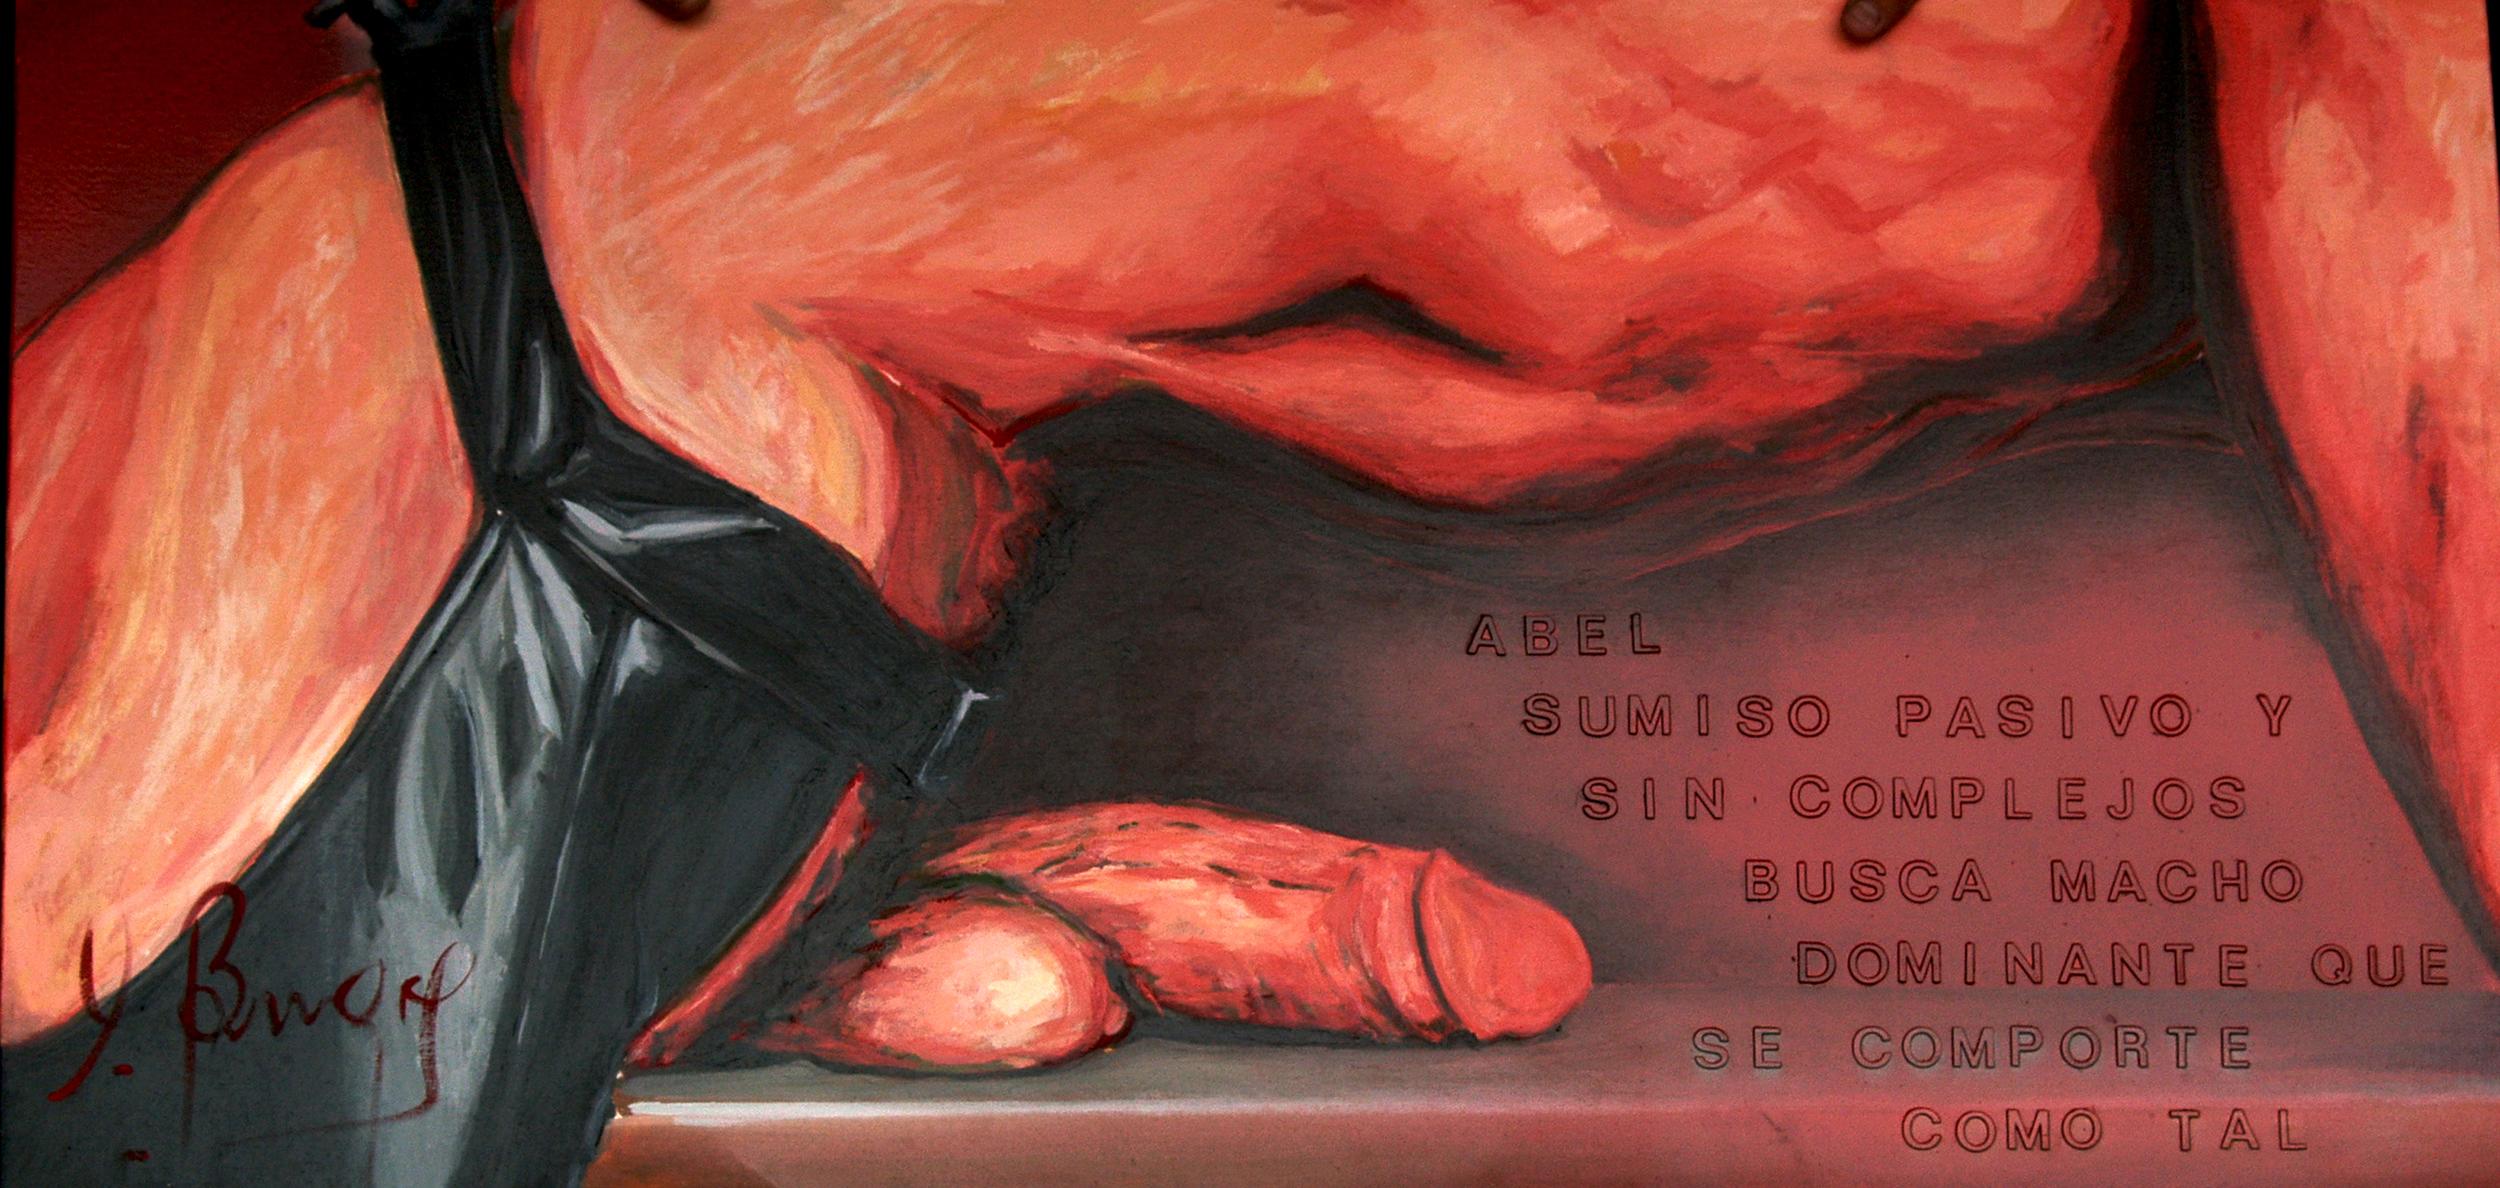 Óleo sobre lienzo y collage  1 x 0,65 m